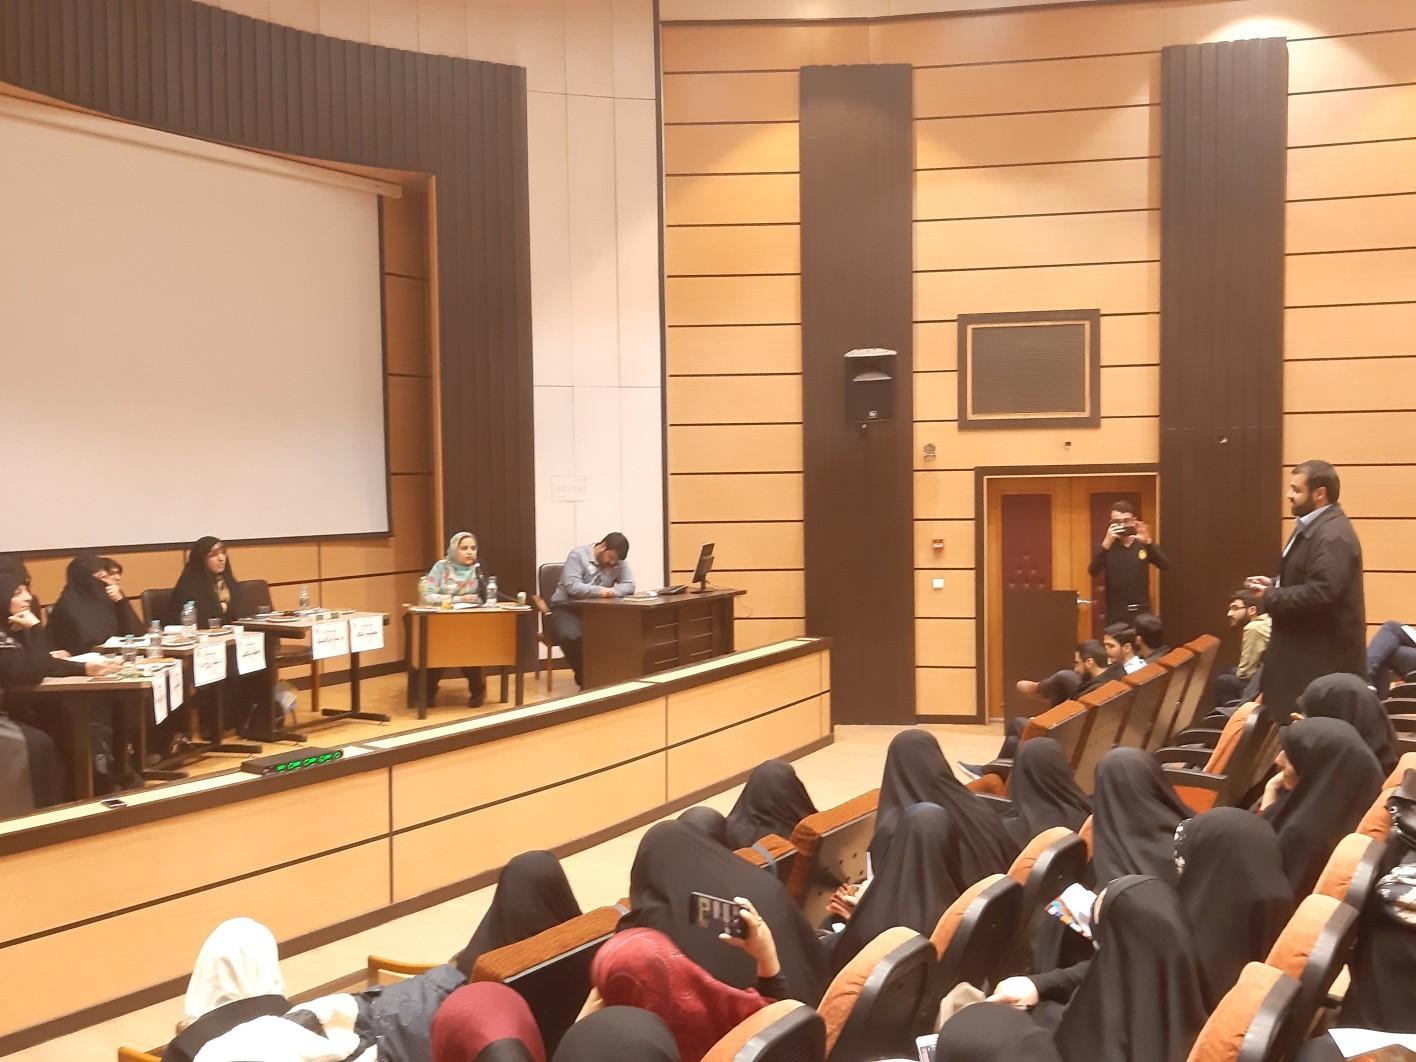 نشست بررسی چالش های حوزه زنان و خانواده در قانون و اجرا